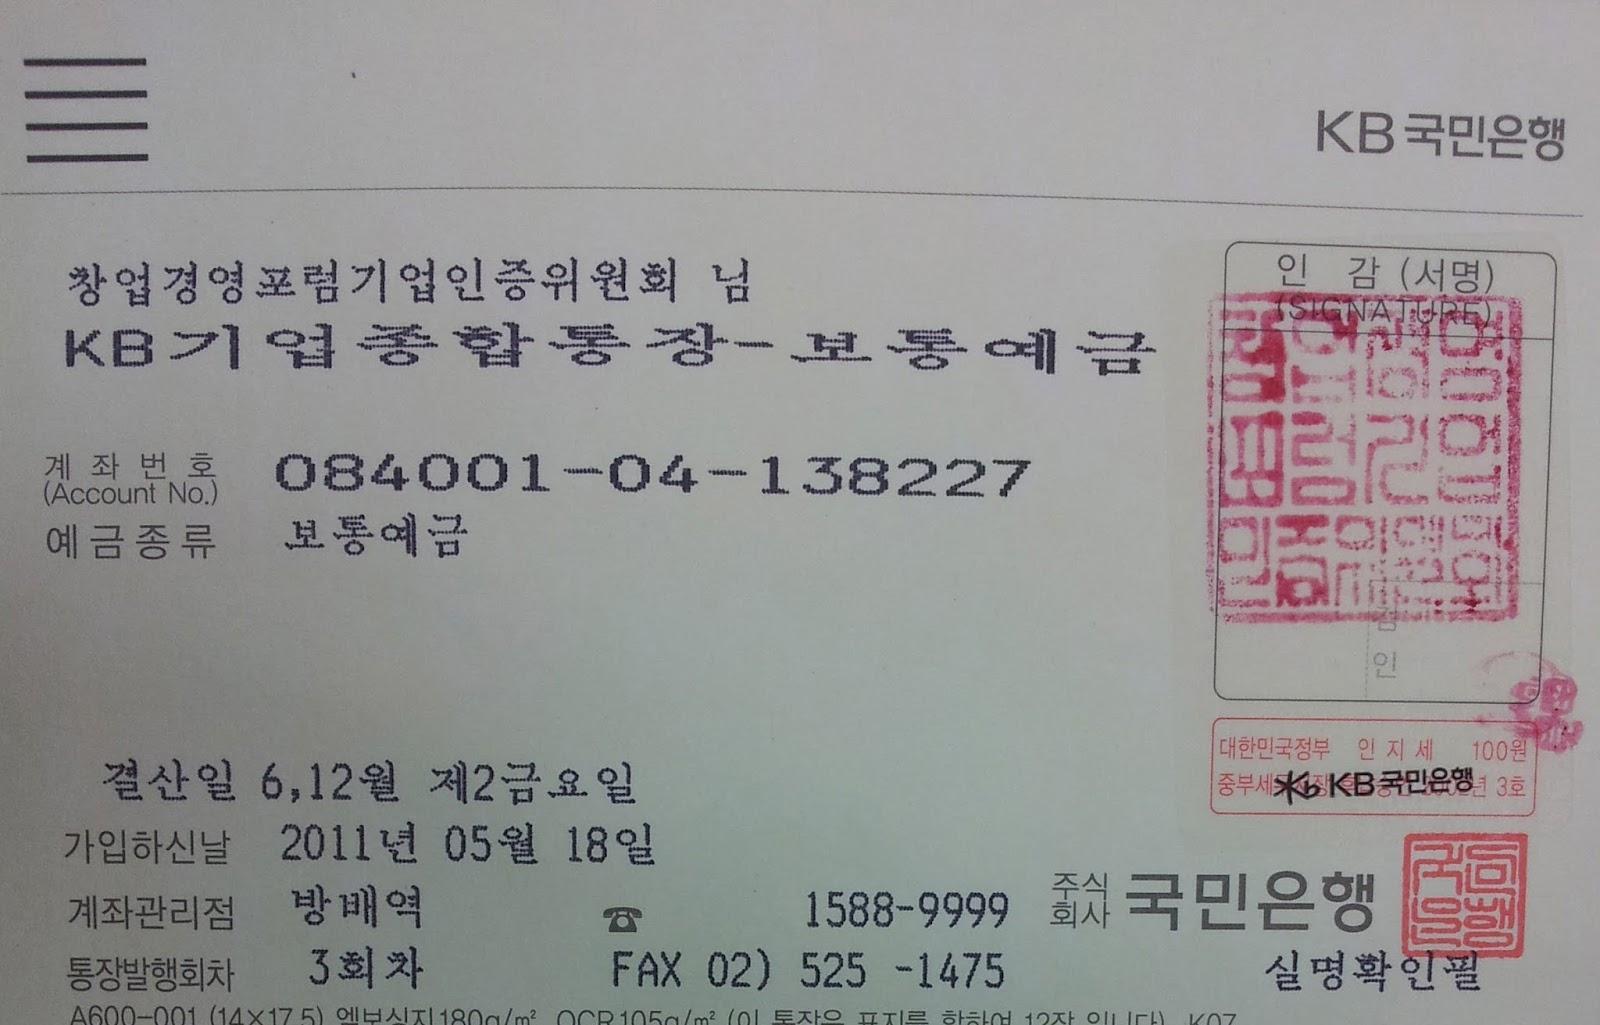 사본 -창경포럼인증위원회 공식_국민통장.jpg